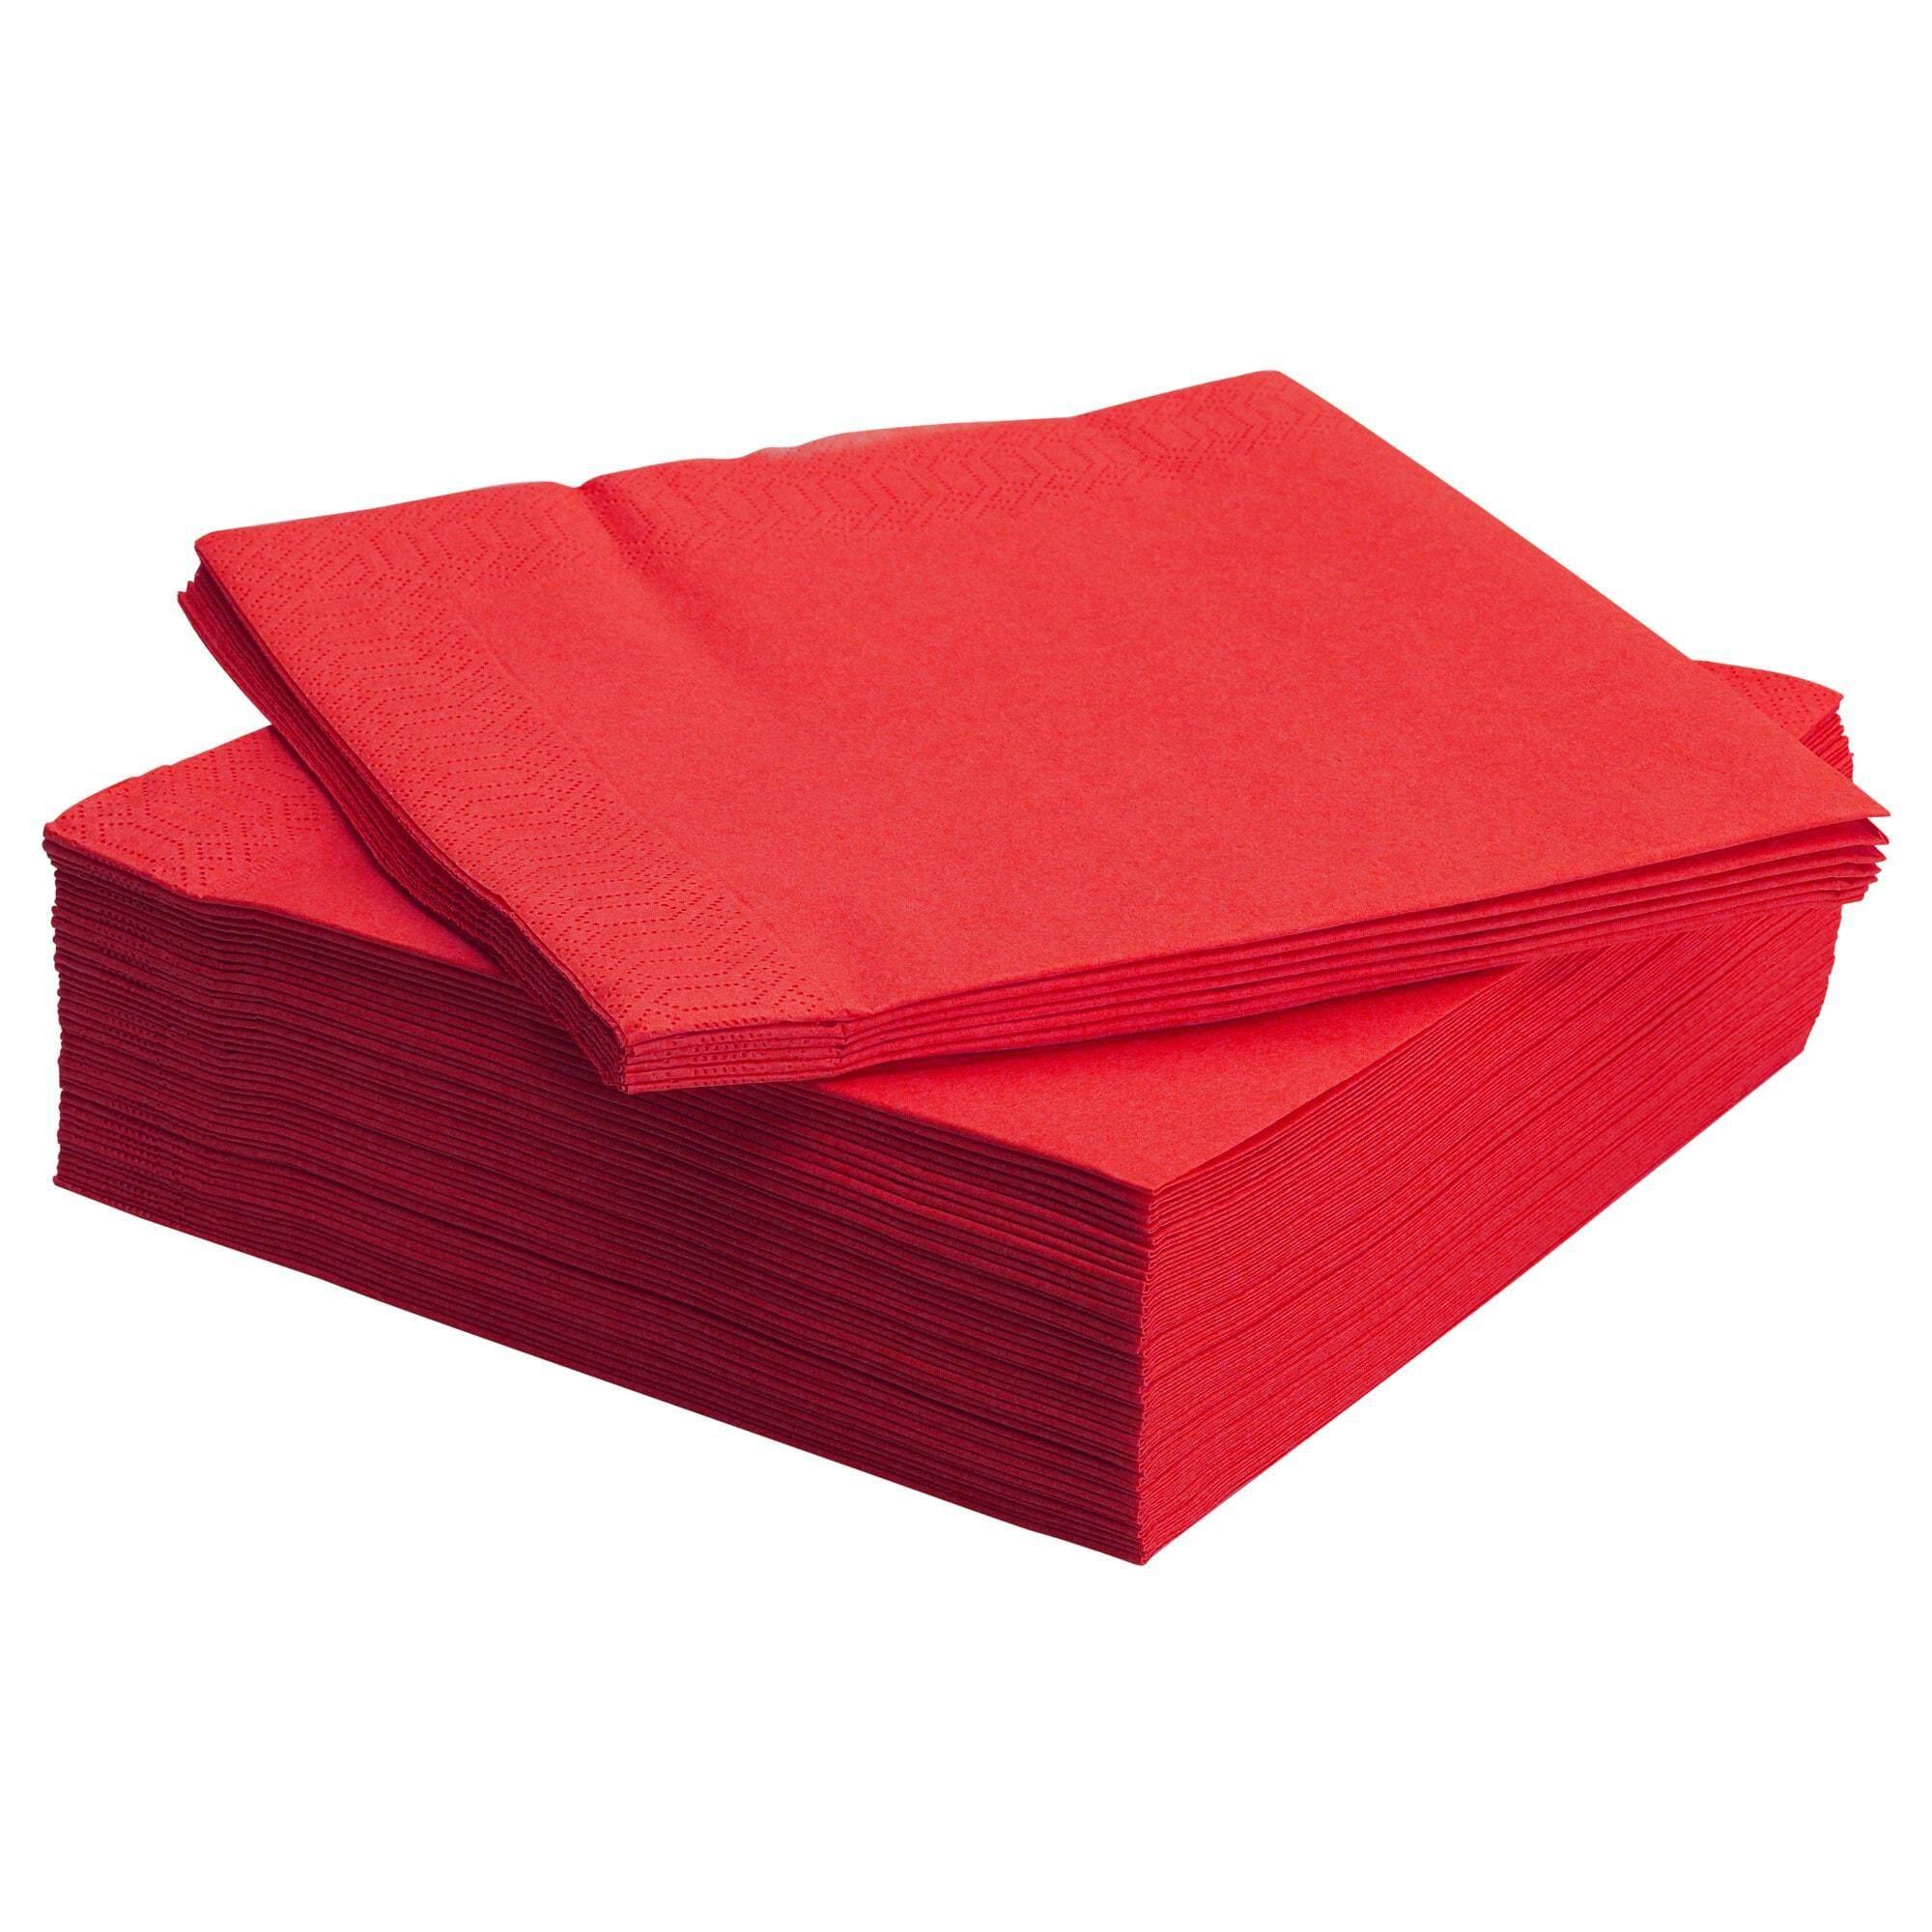 ลดราคา Fantastisk ฟันทัสติสค์ กระดาษเช็ดปาก แดง กระดาษเช็ดปากหนา 3 ชั้น จาก Ikea By Super Ikea.